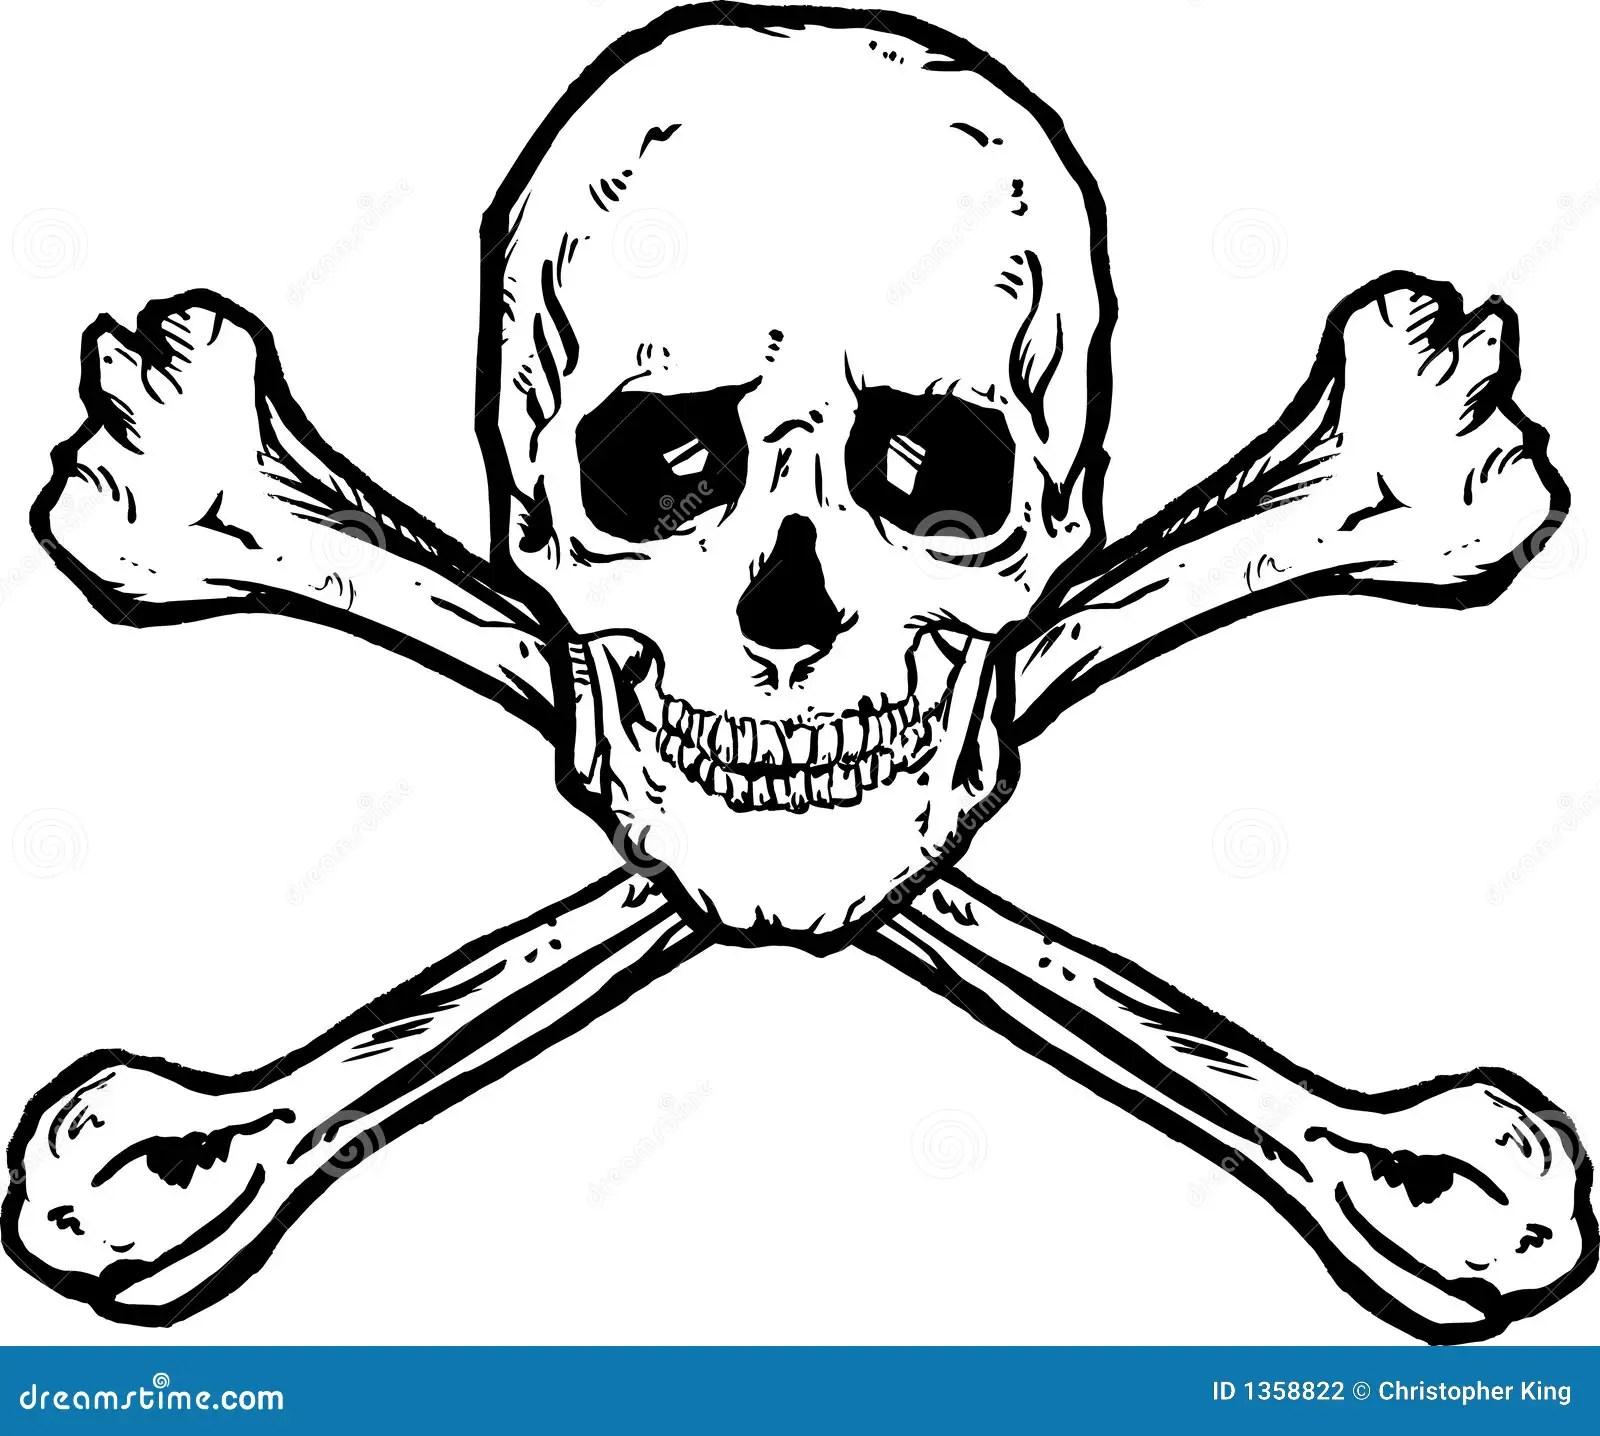 Skull And Crossbones Stock Vector Illustration Of Grunge